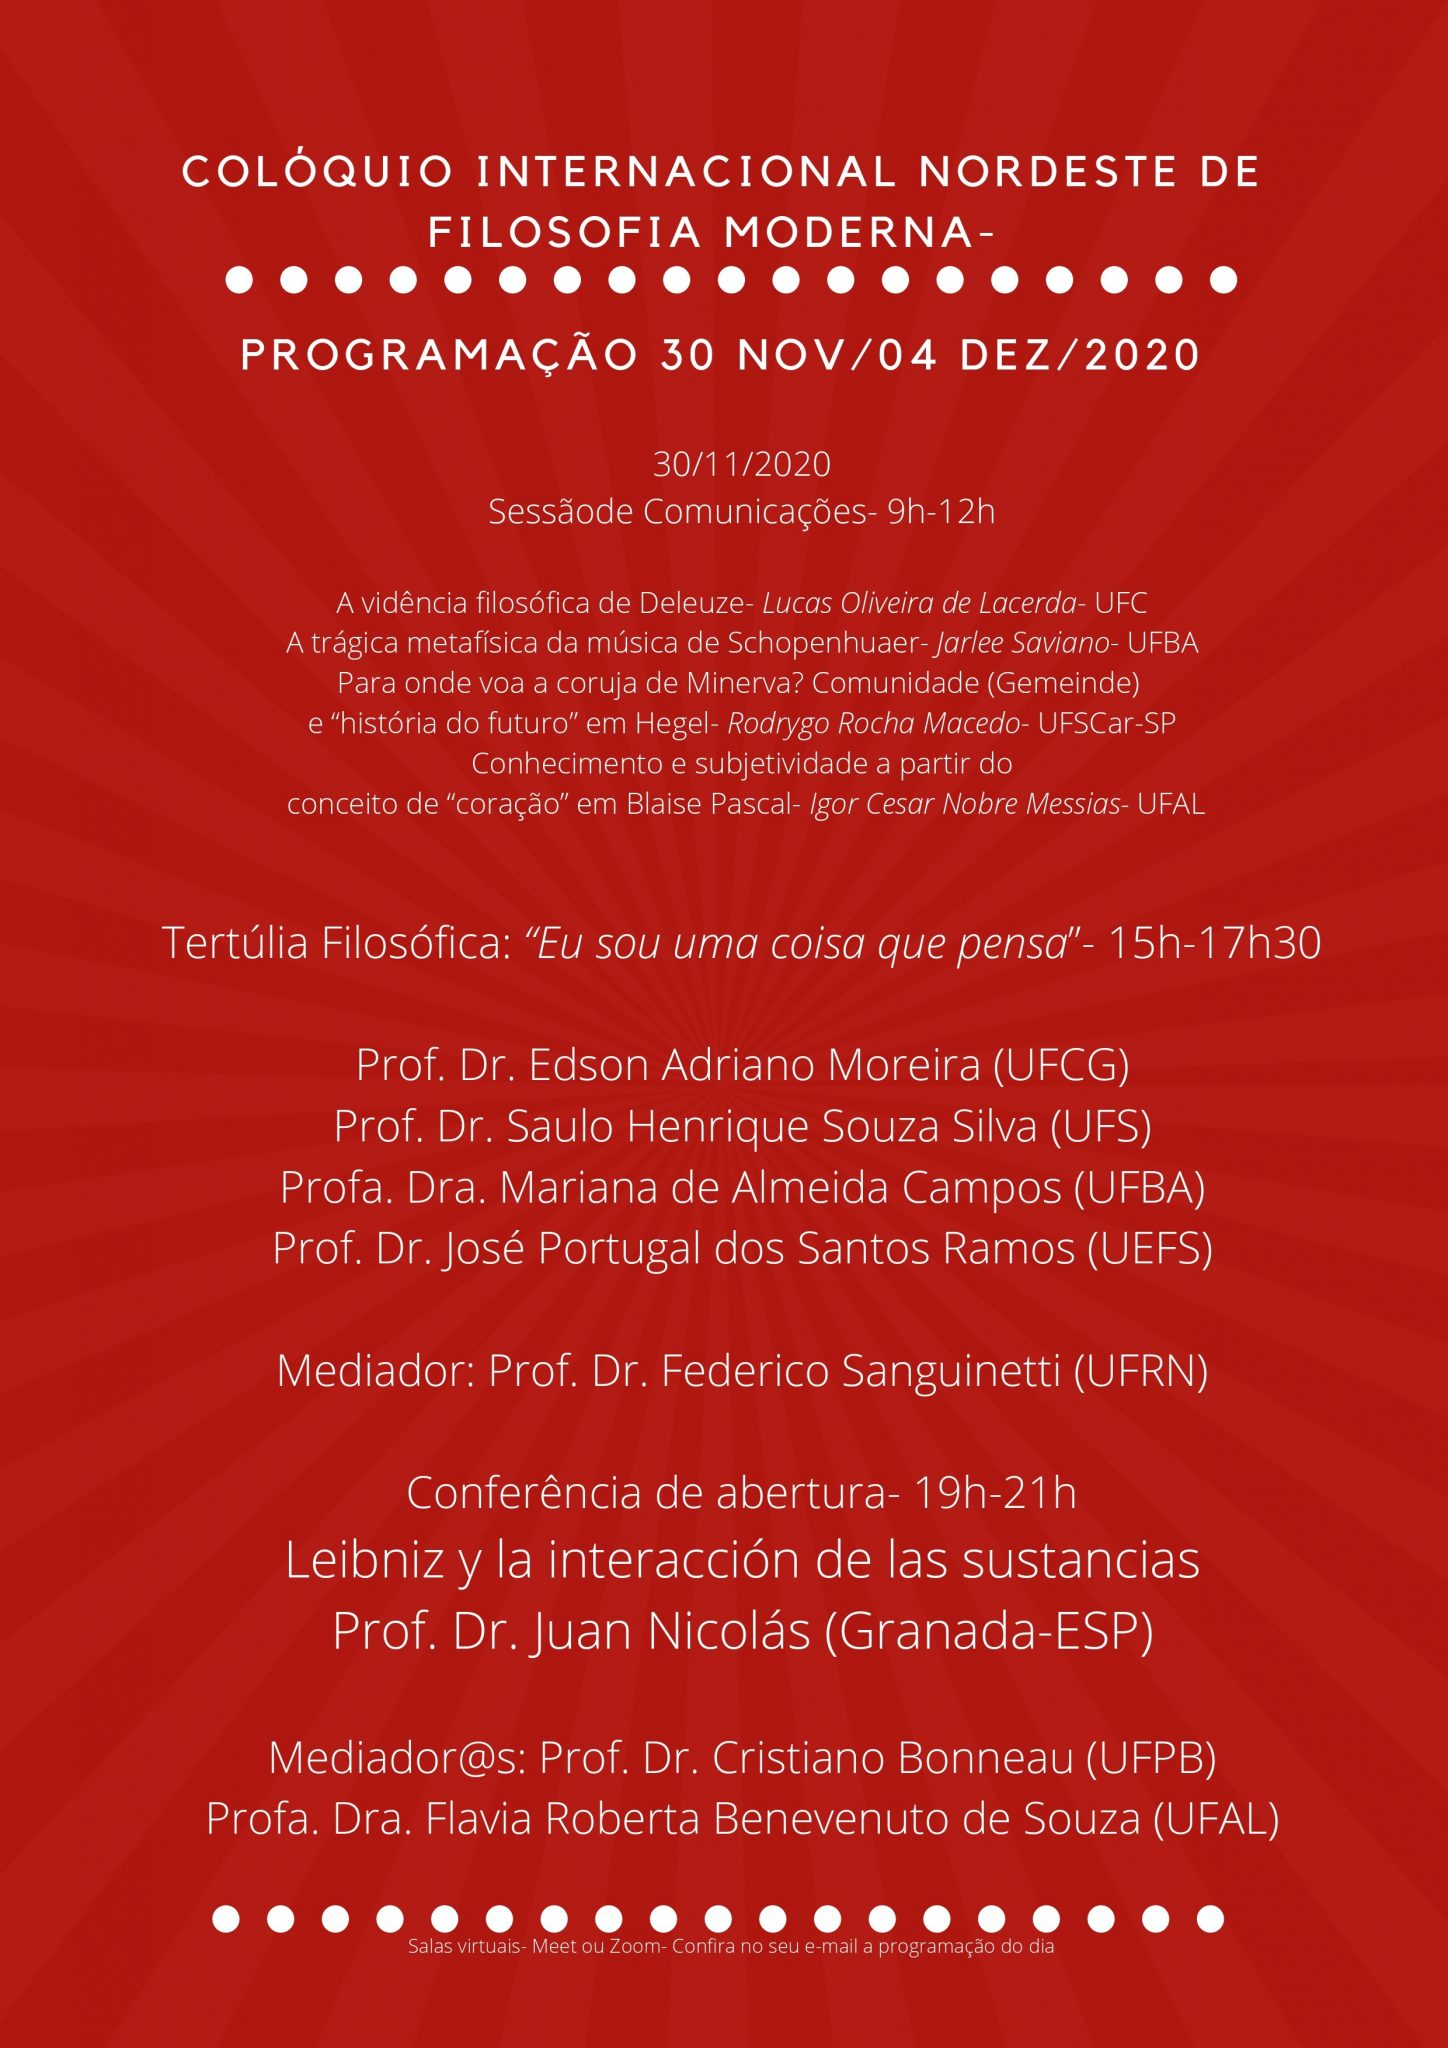 Coloquio internacional Nordeste de Filosofía Moderna